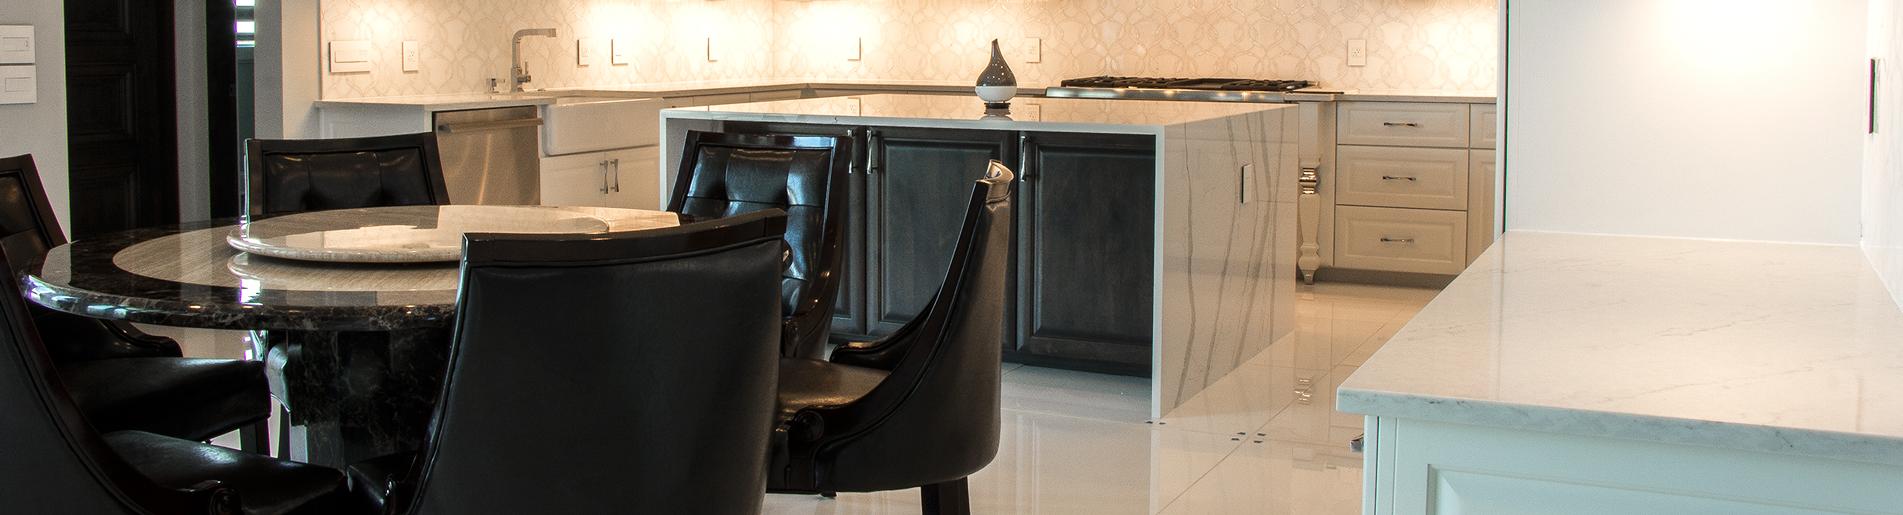 25-sta-granite-white-cambria-rest-room